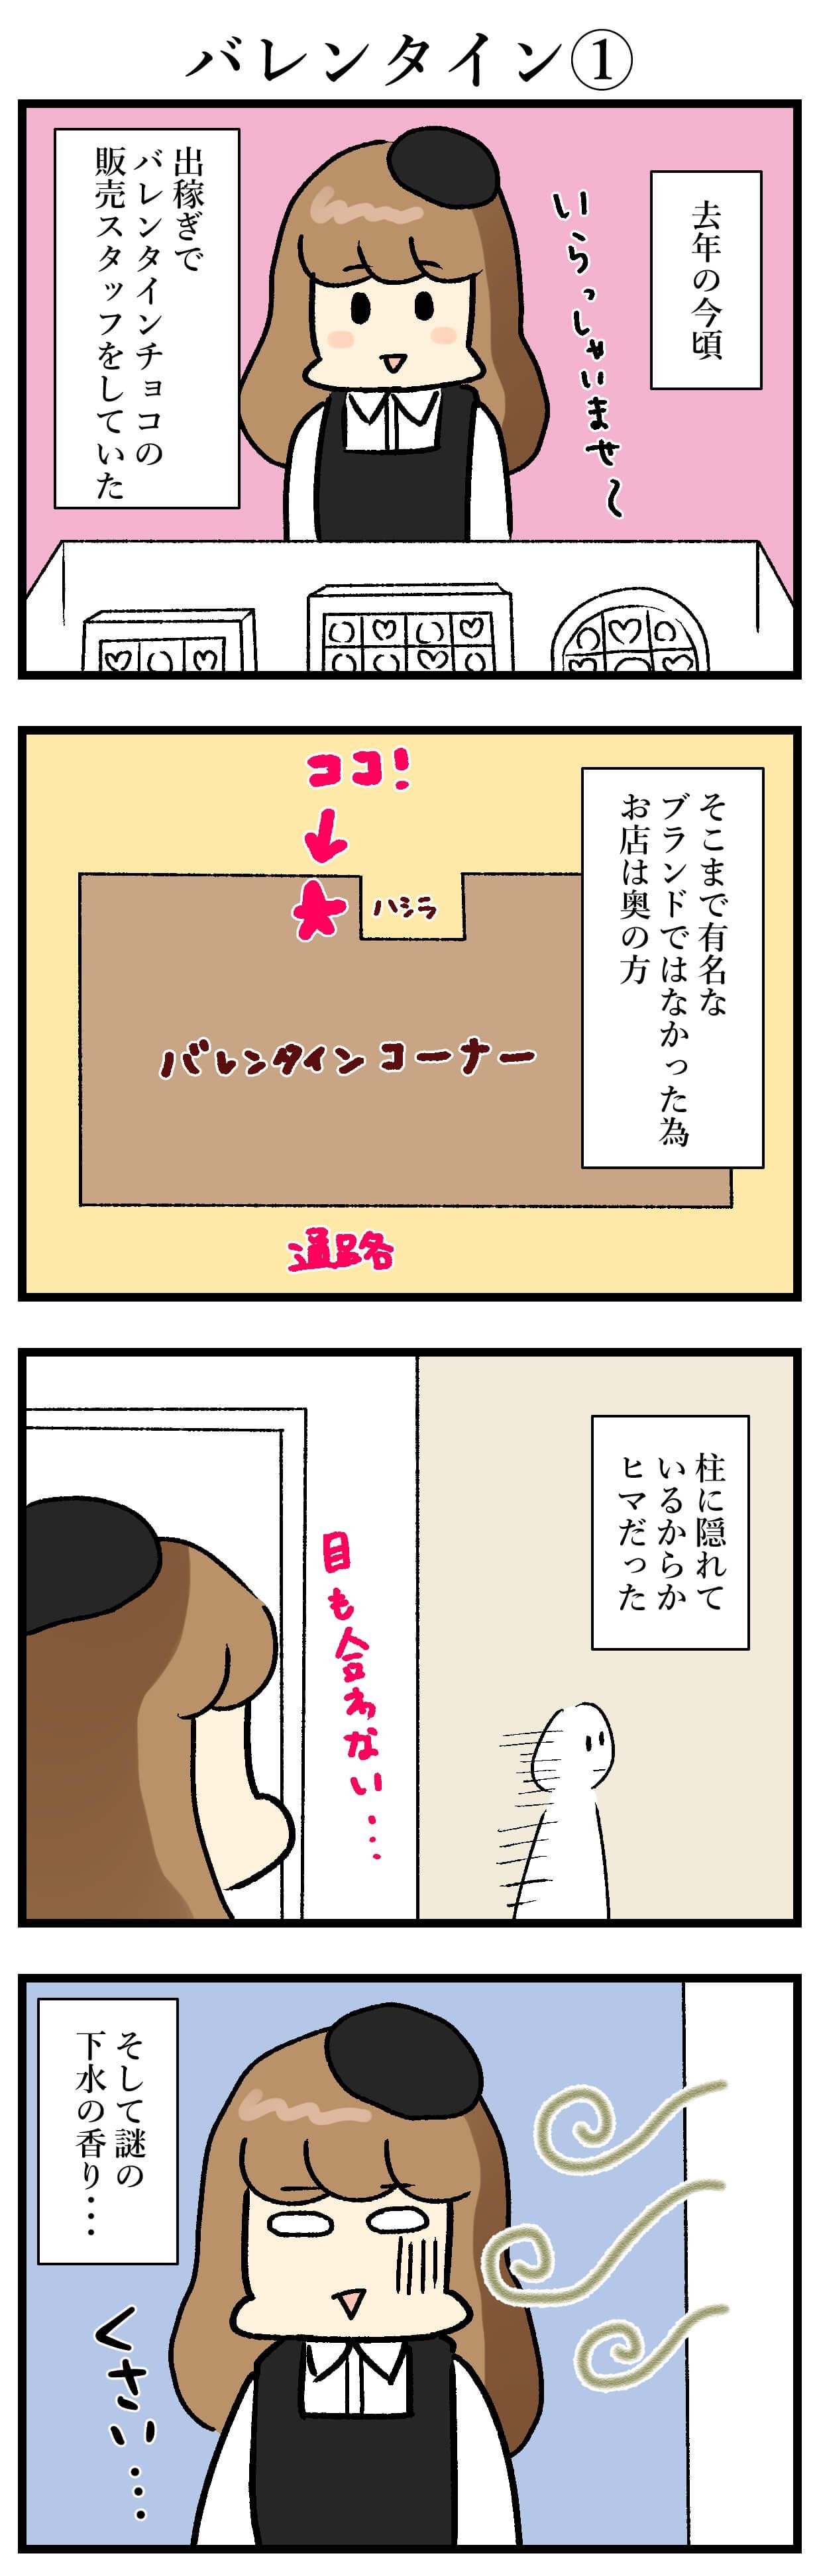 【エッセイ漫画】アラサー主婦くま子のふがいない日常(93)